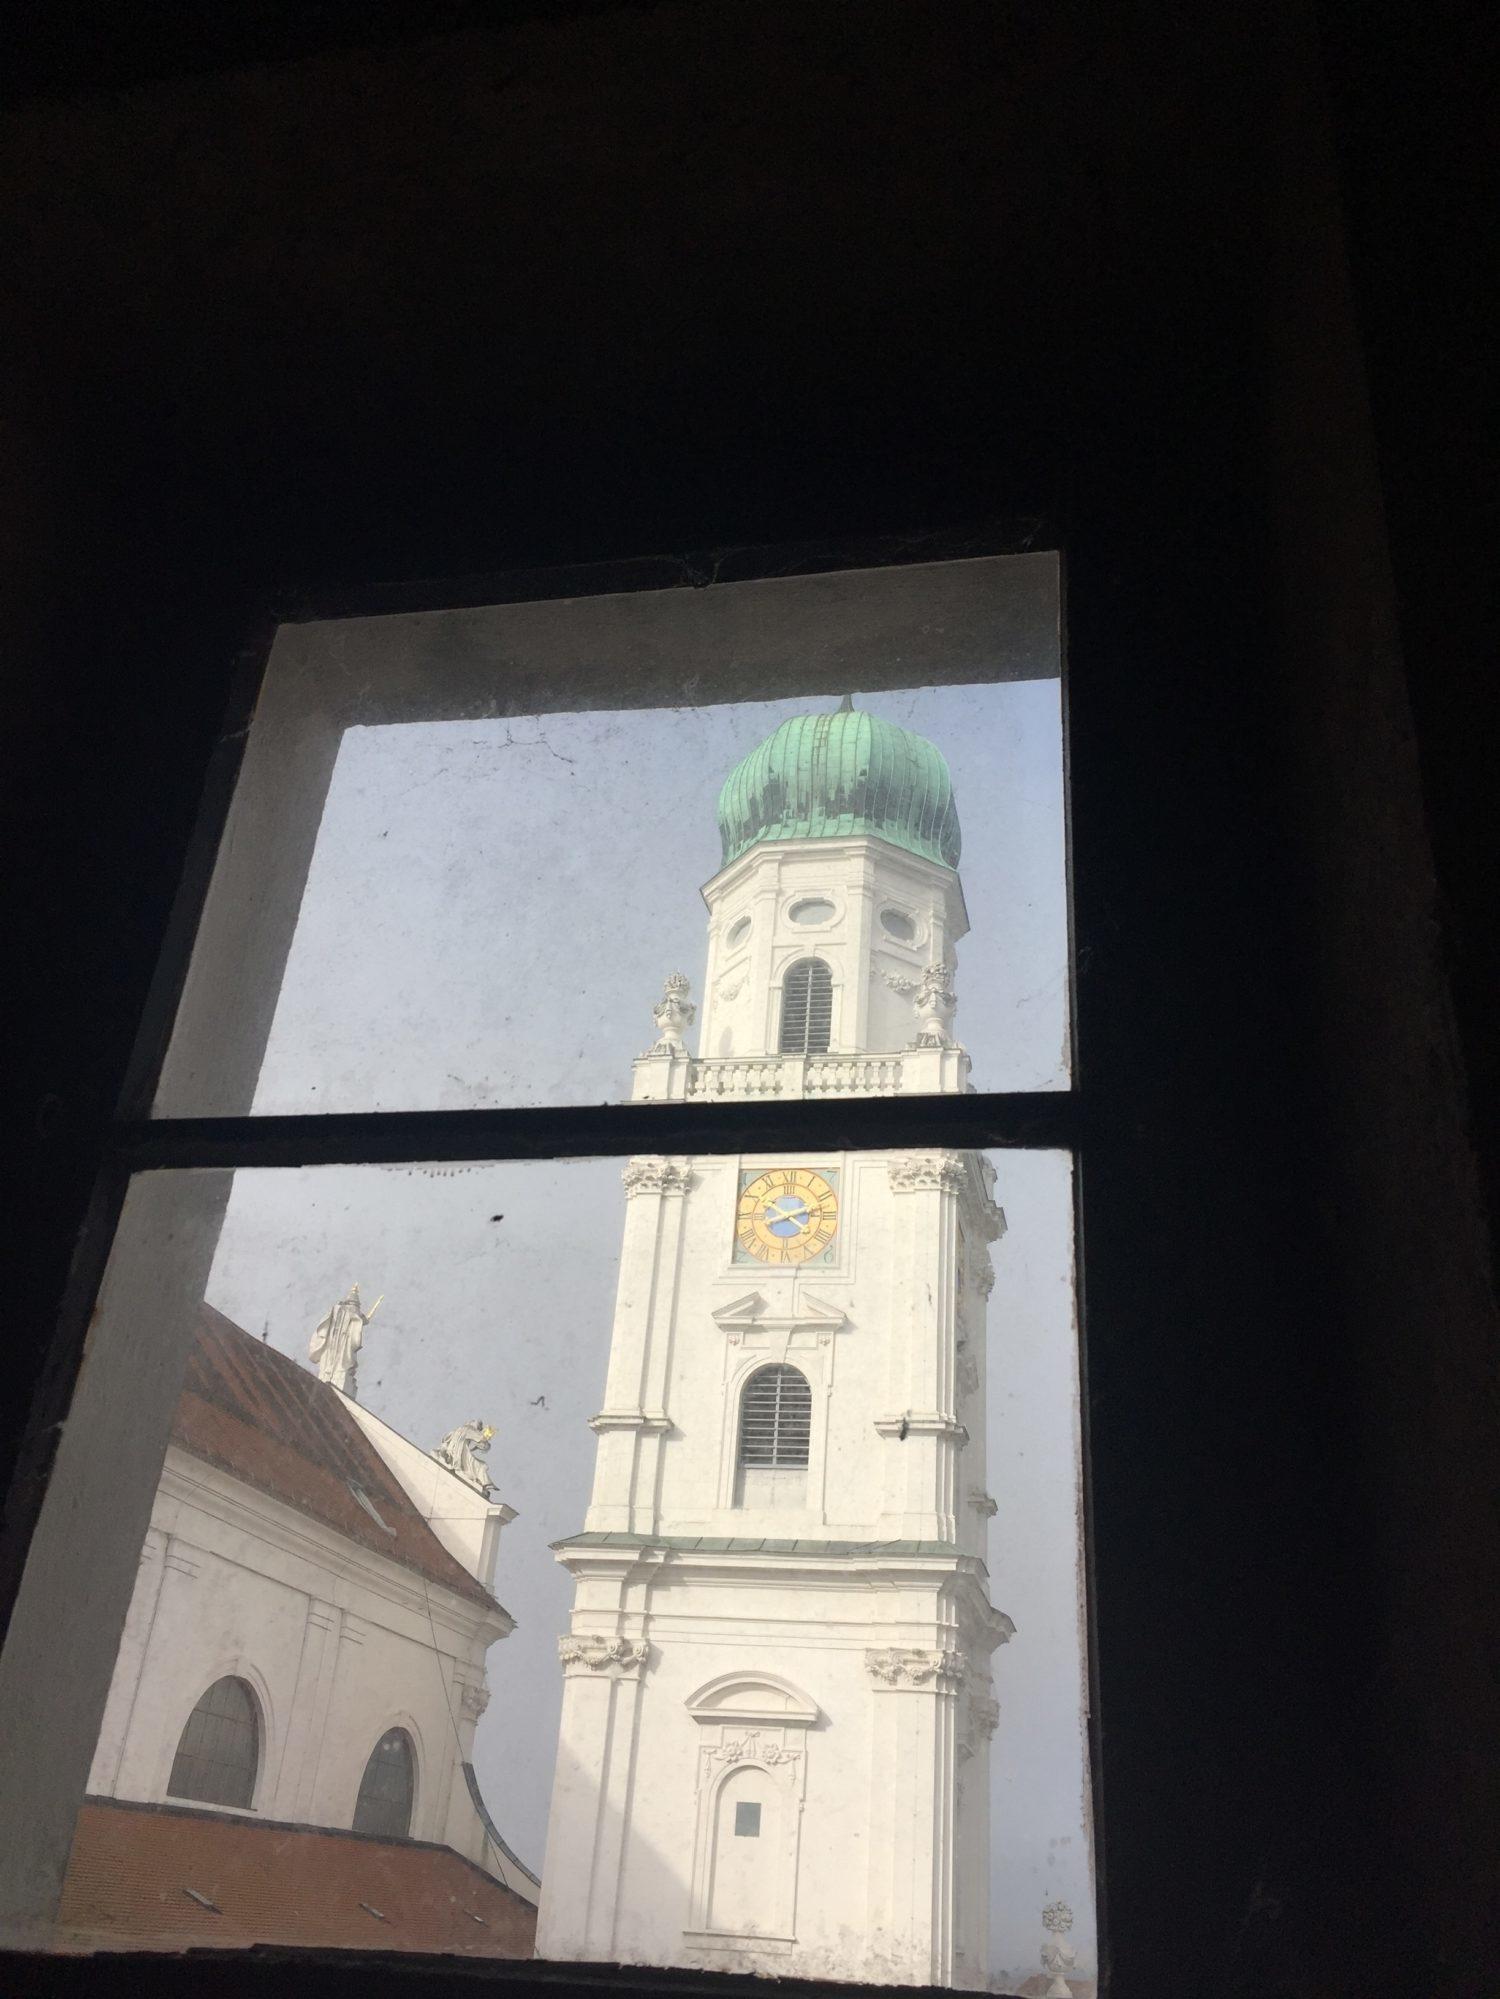 Dom von St. Max